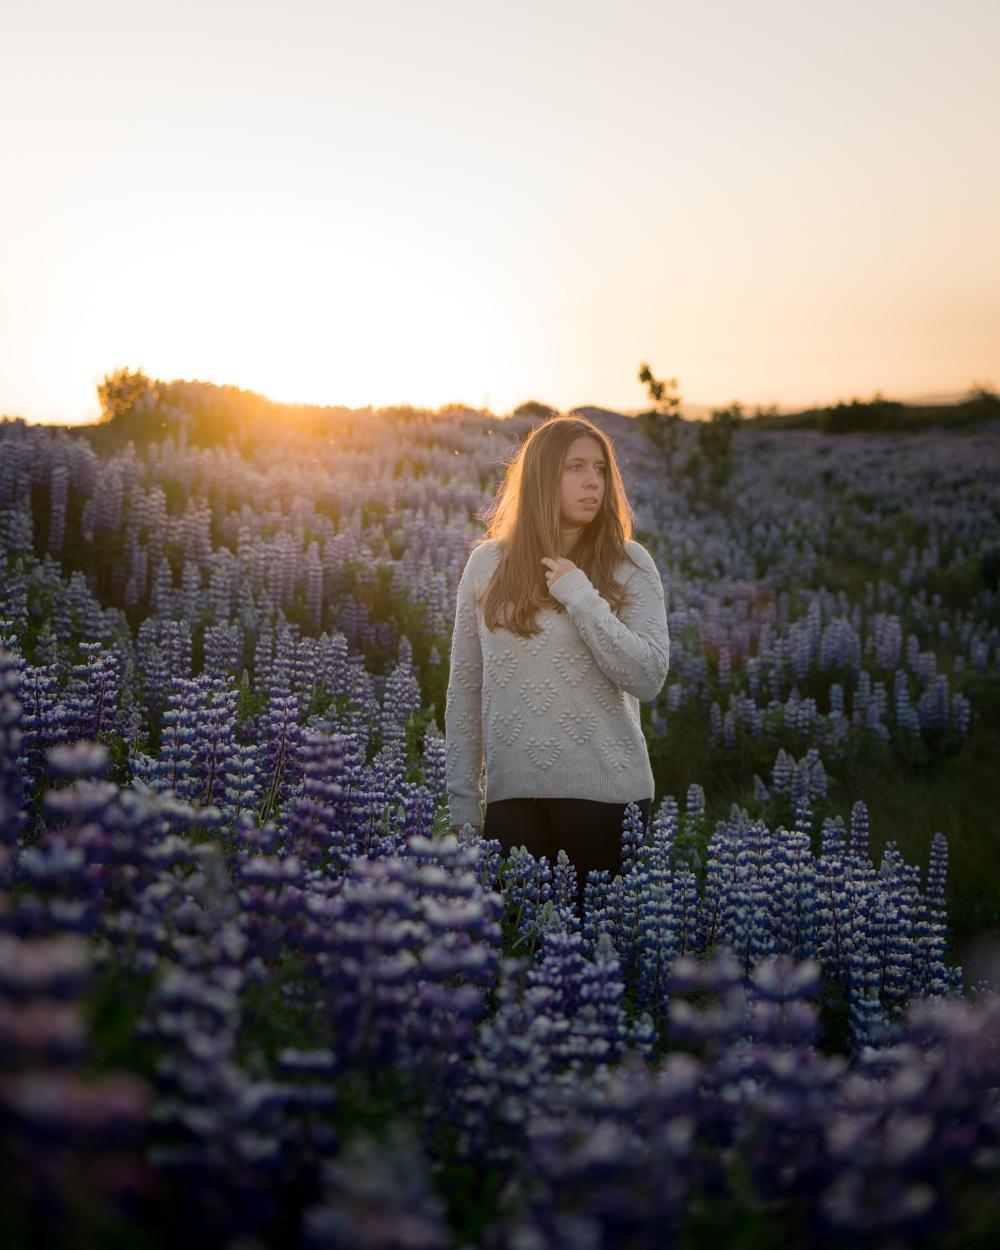 Fotoshooting im Lupinenfeld